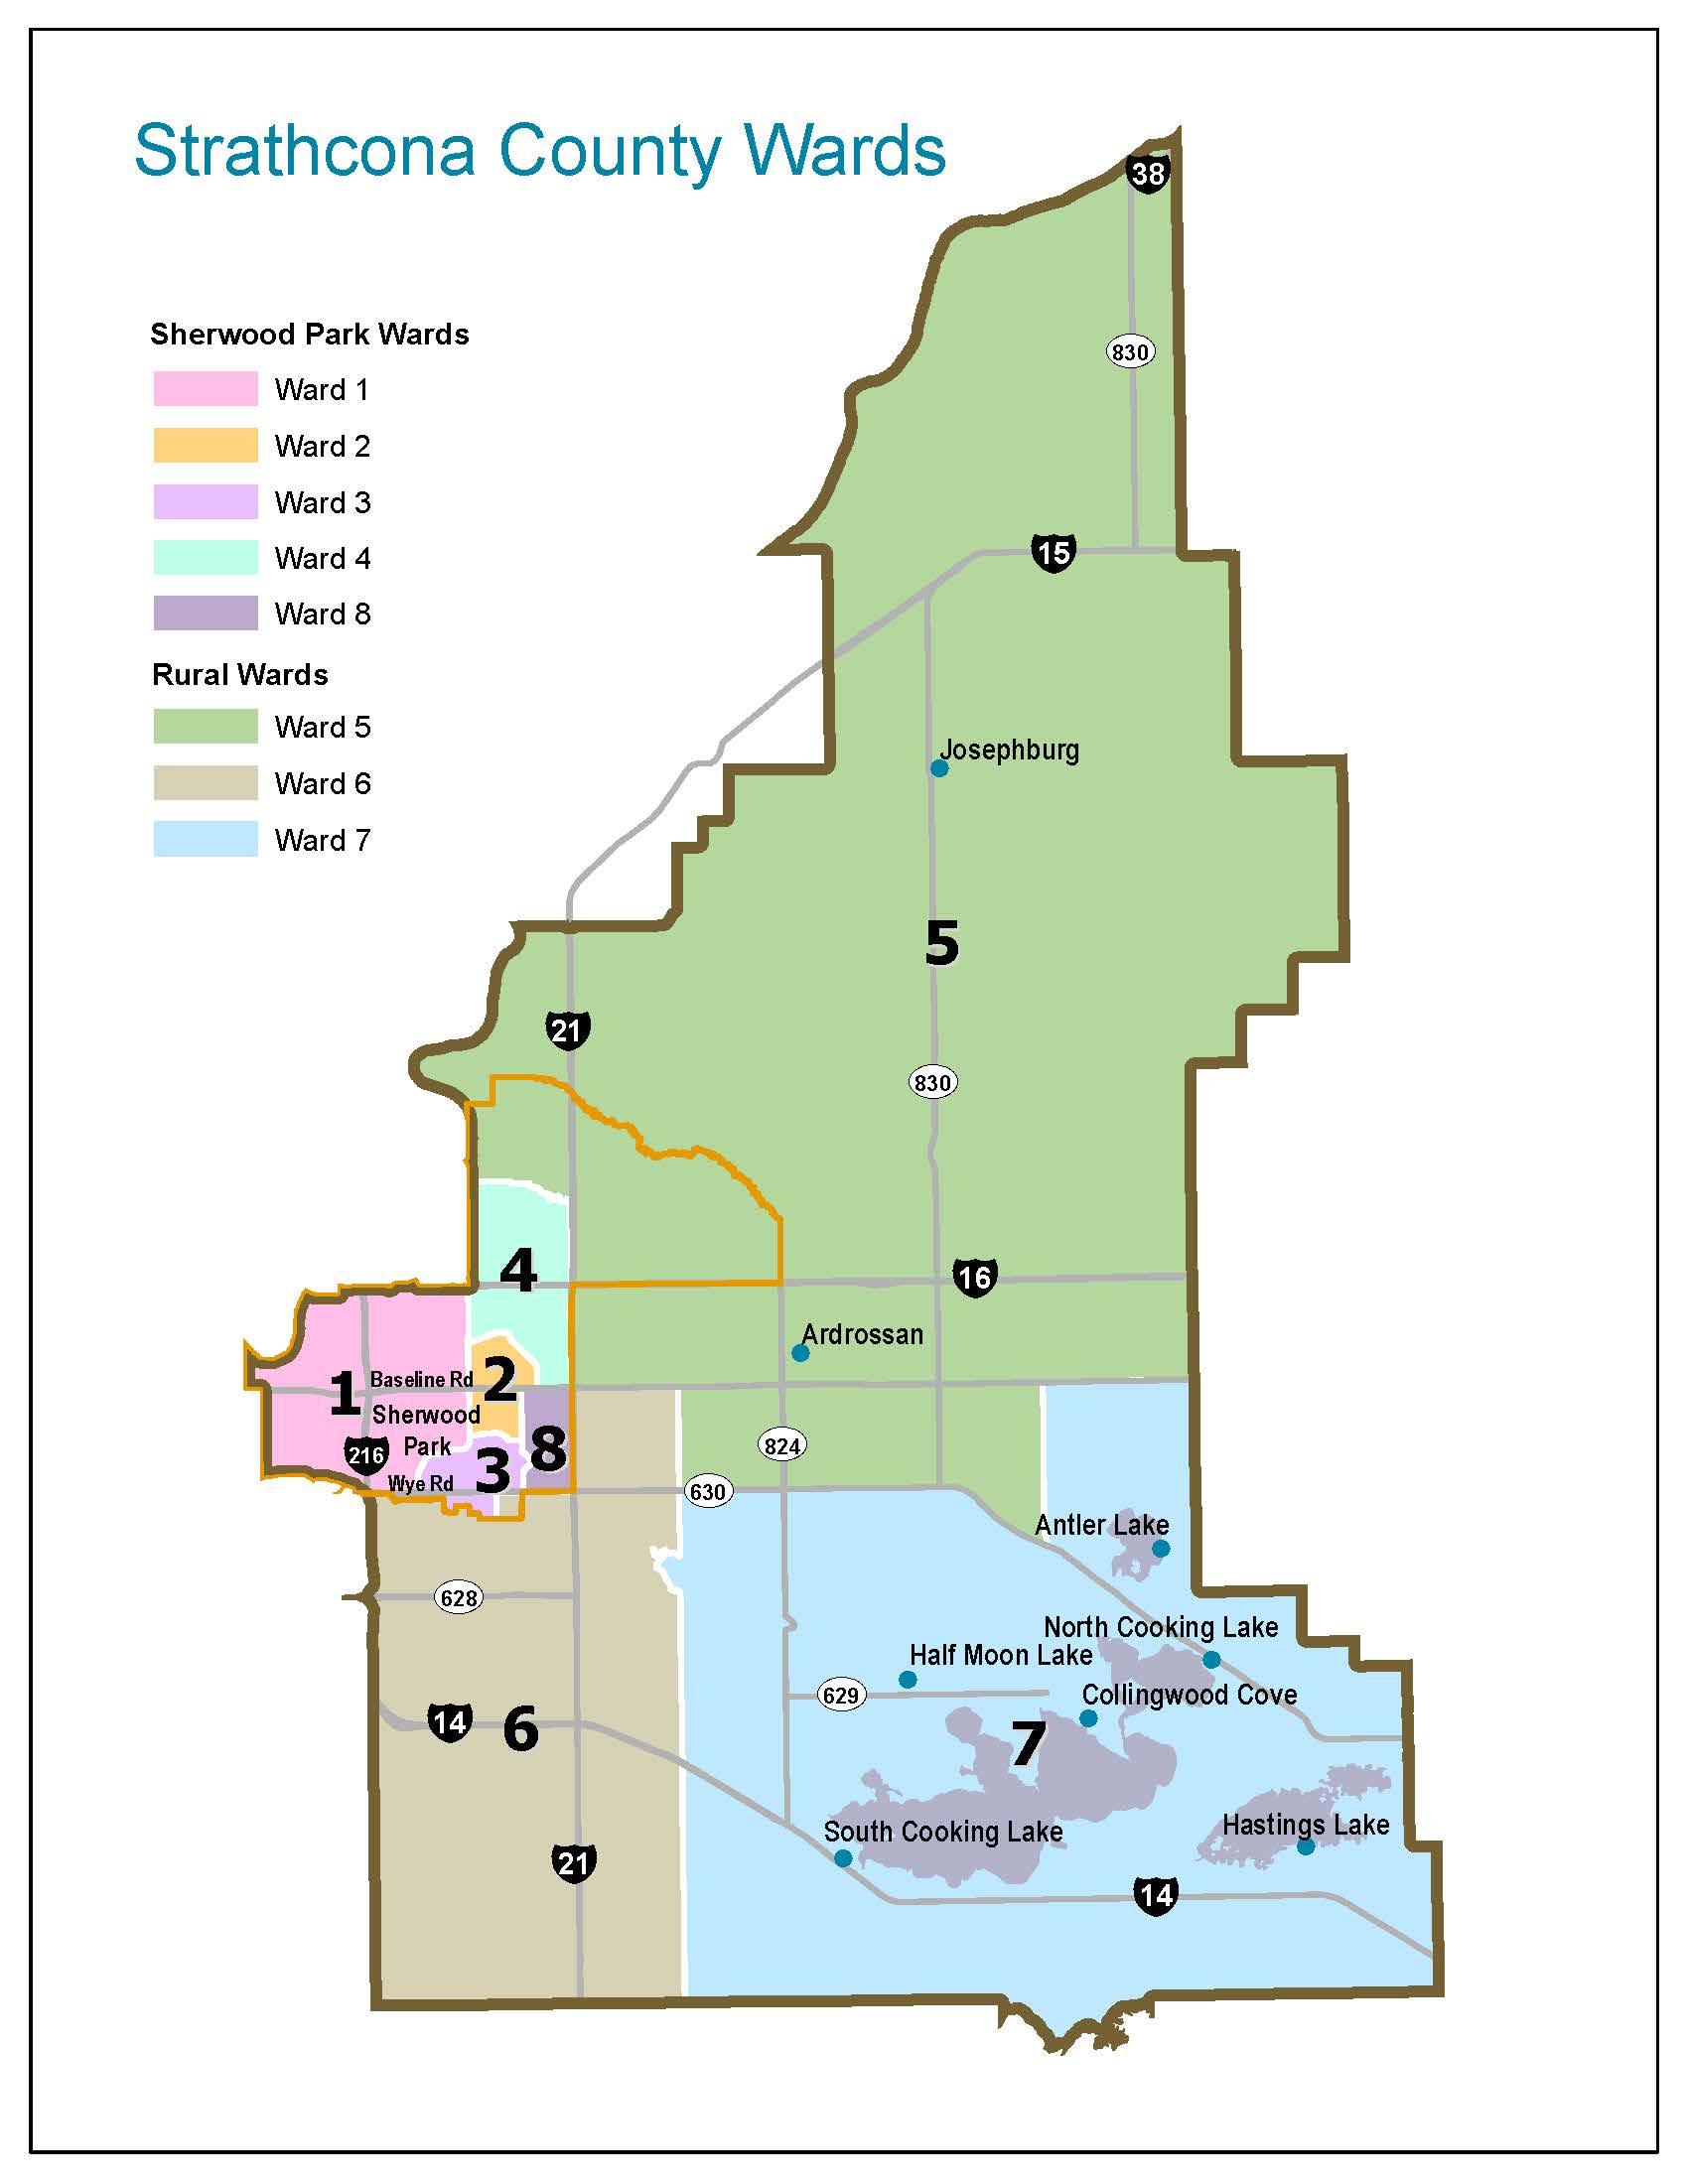 Strathcona County Subdivision Maps Strathcona County Wards | Strathcona County